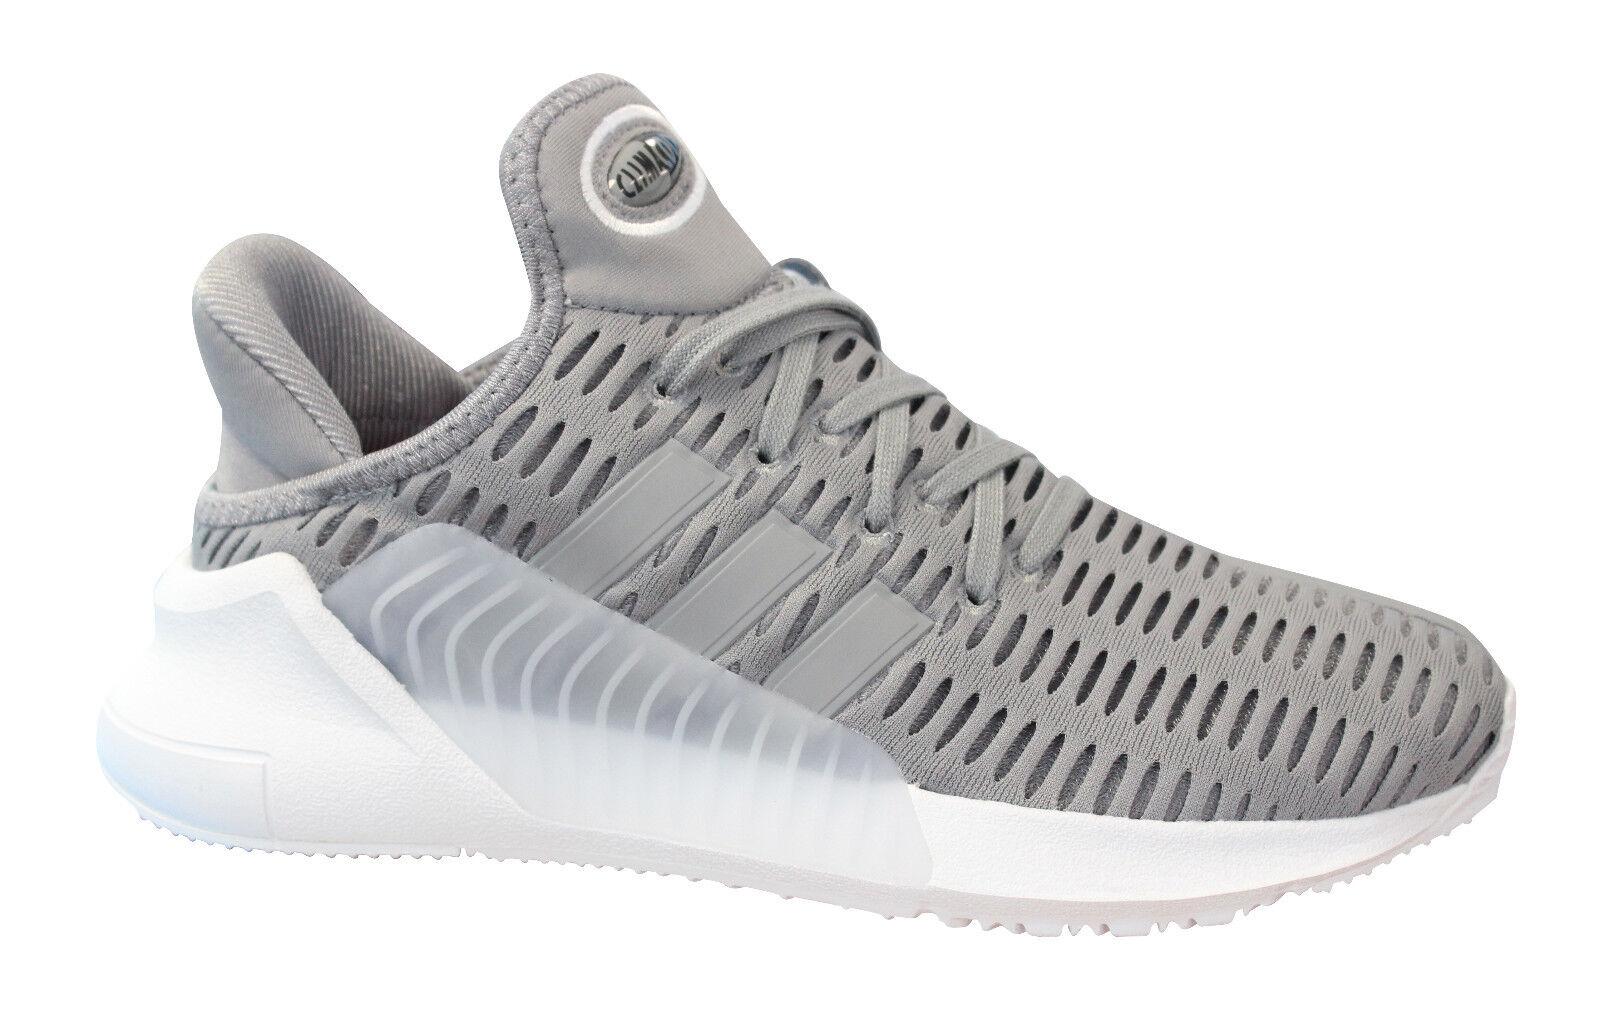 Adidas Adidas Adidas Climacool Unisex Zapatillas Con Cordones Zapatos Para Correr gris Textil BY9289 U31  lo último